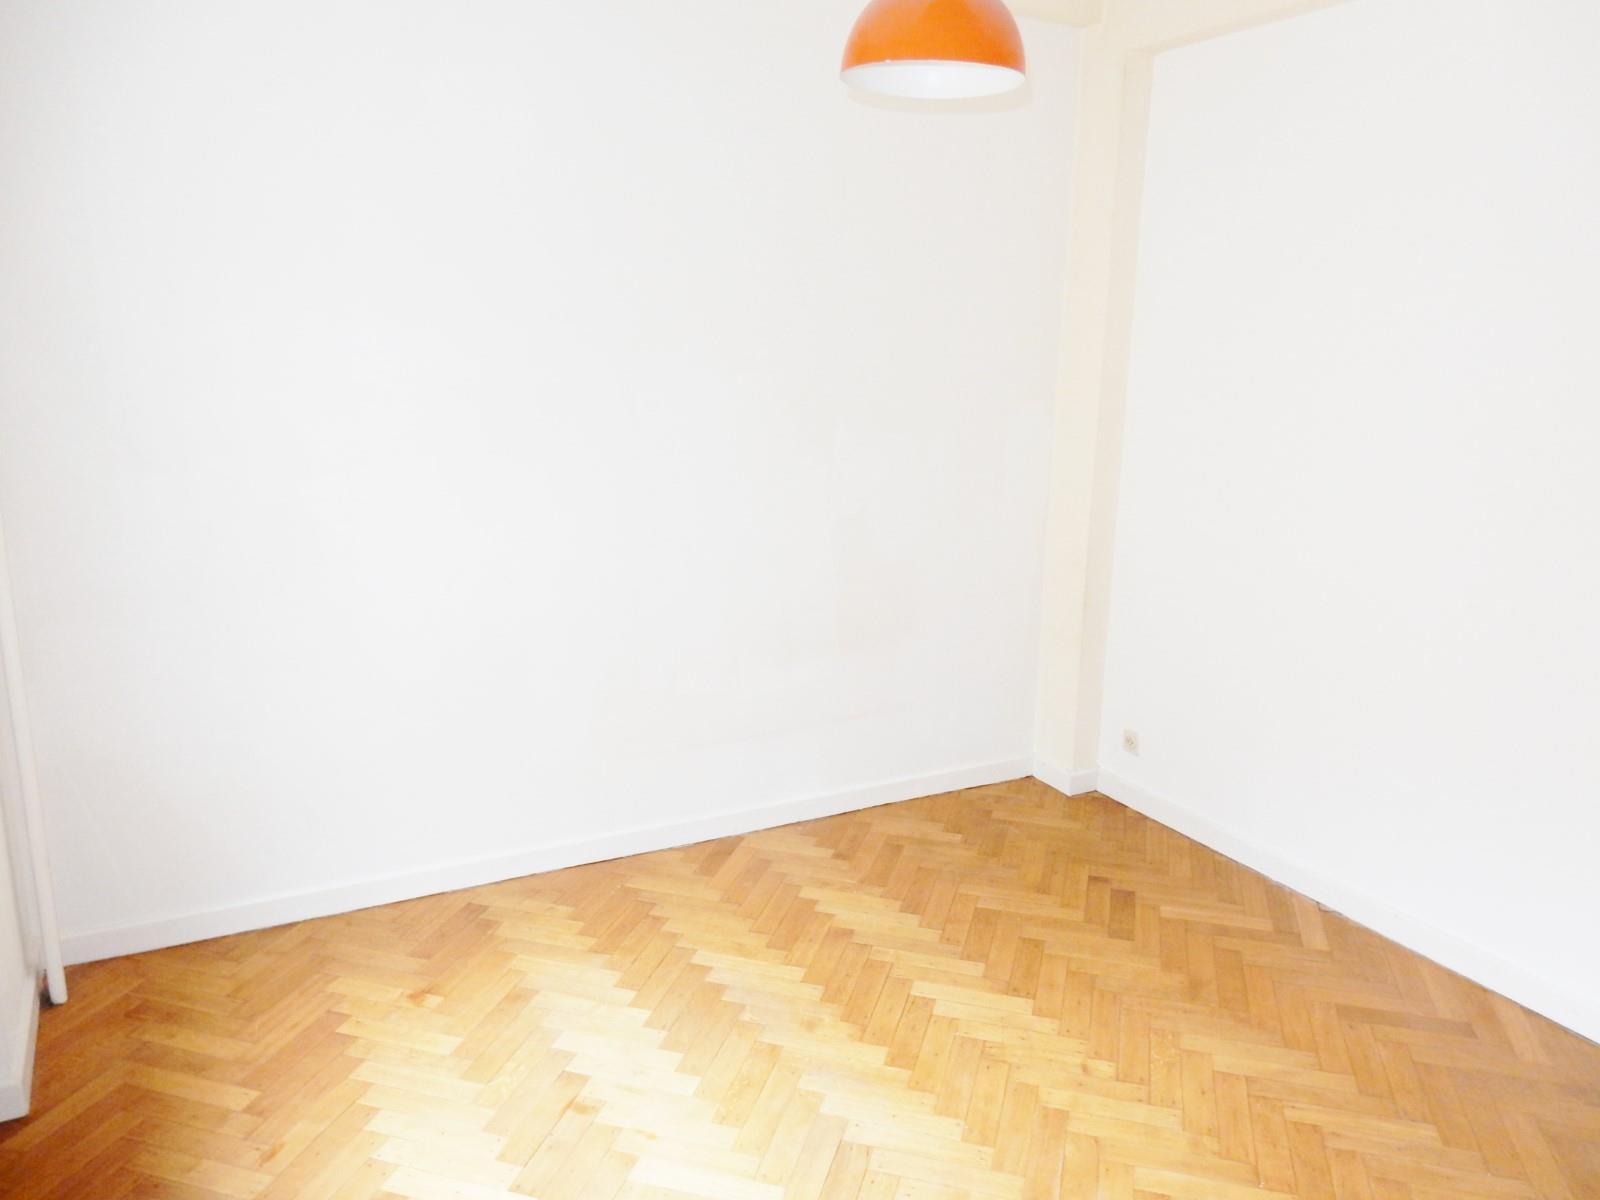 Flat - Ixelles - #3332506-6